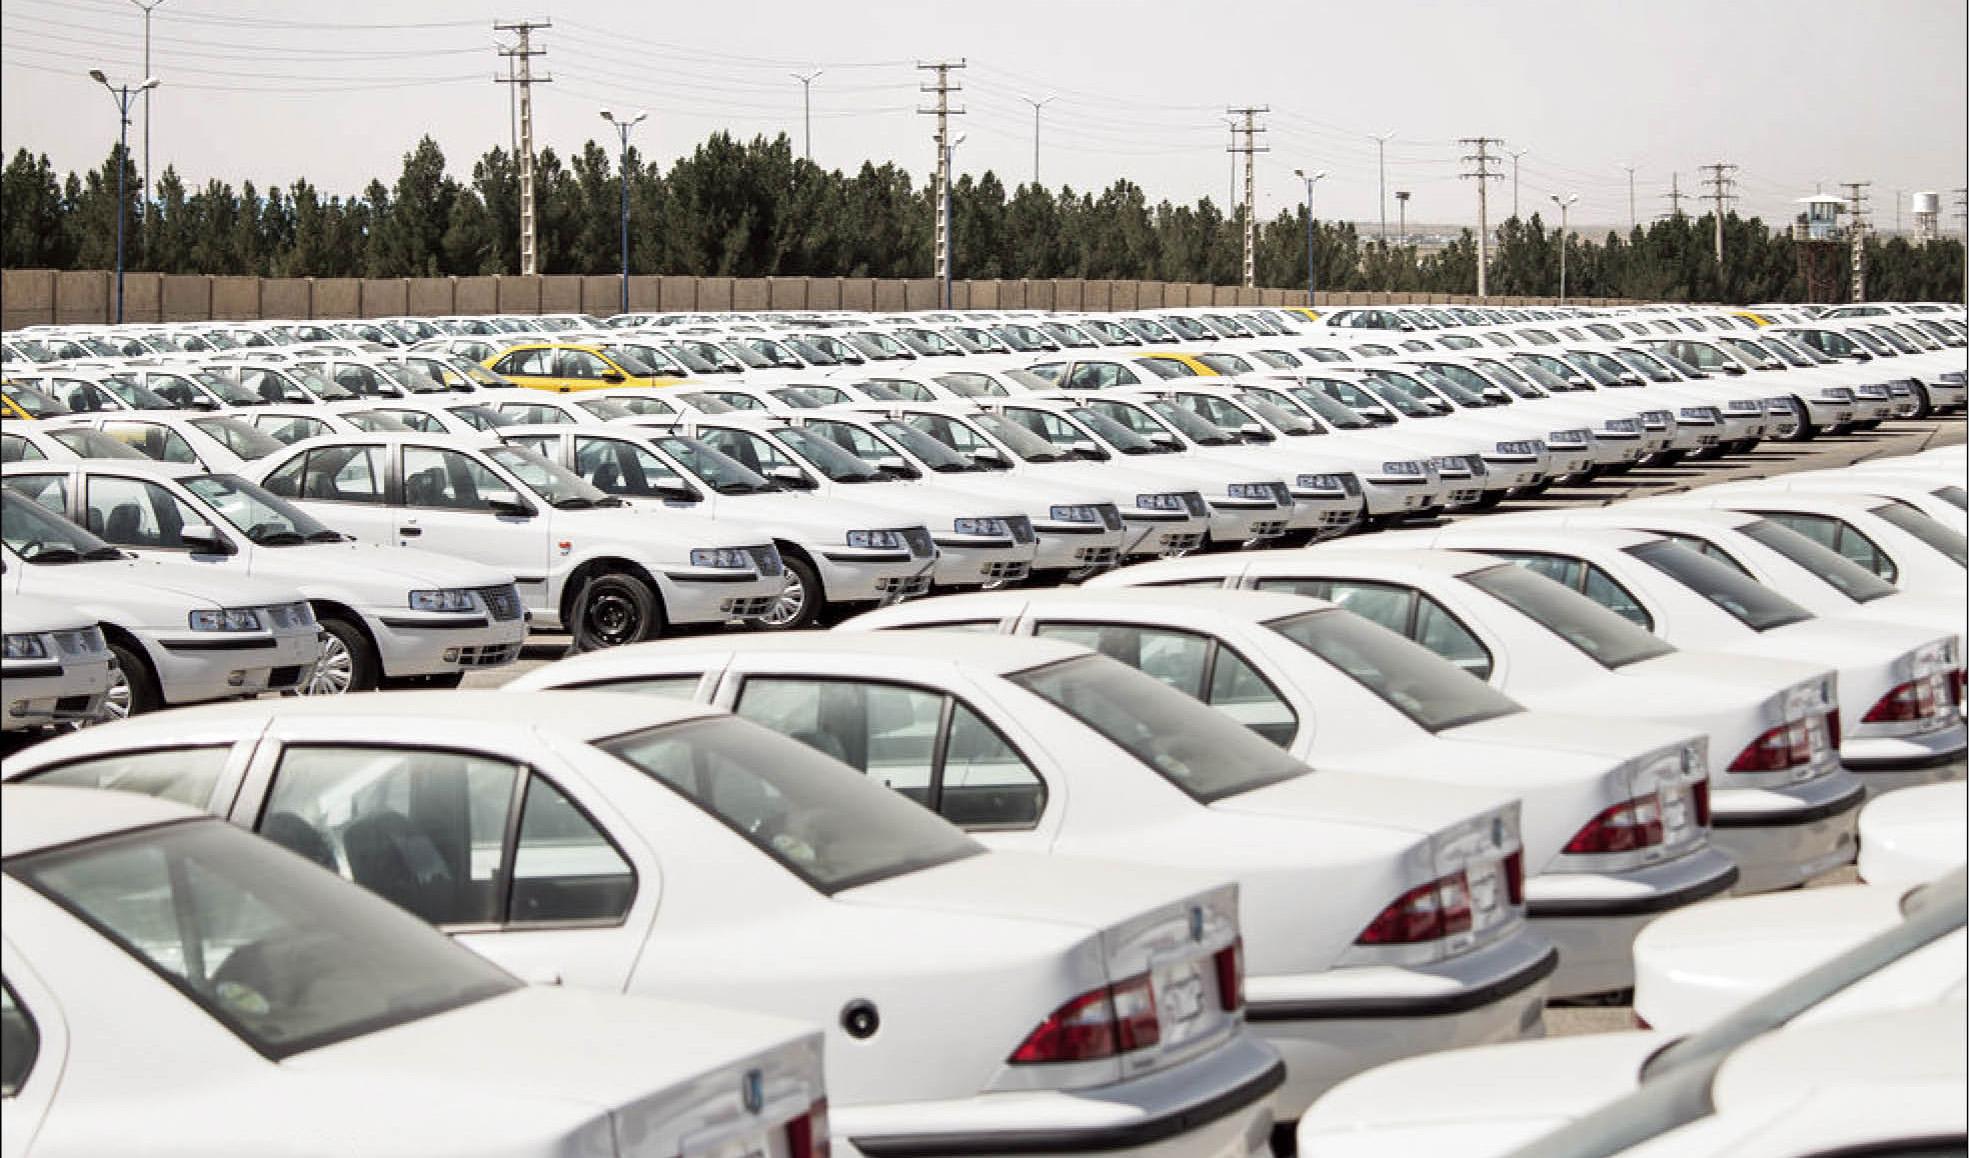 فروش فوق العاده بعدی خودروسازان با قیمت جدید خواهد بود